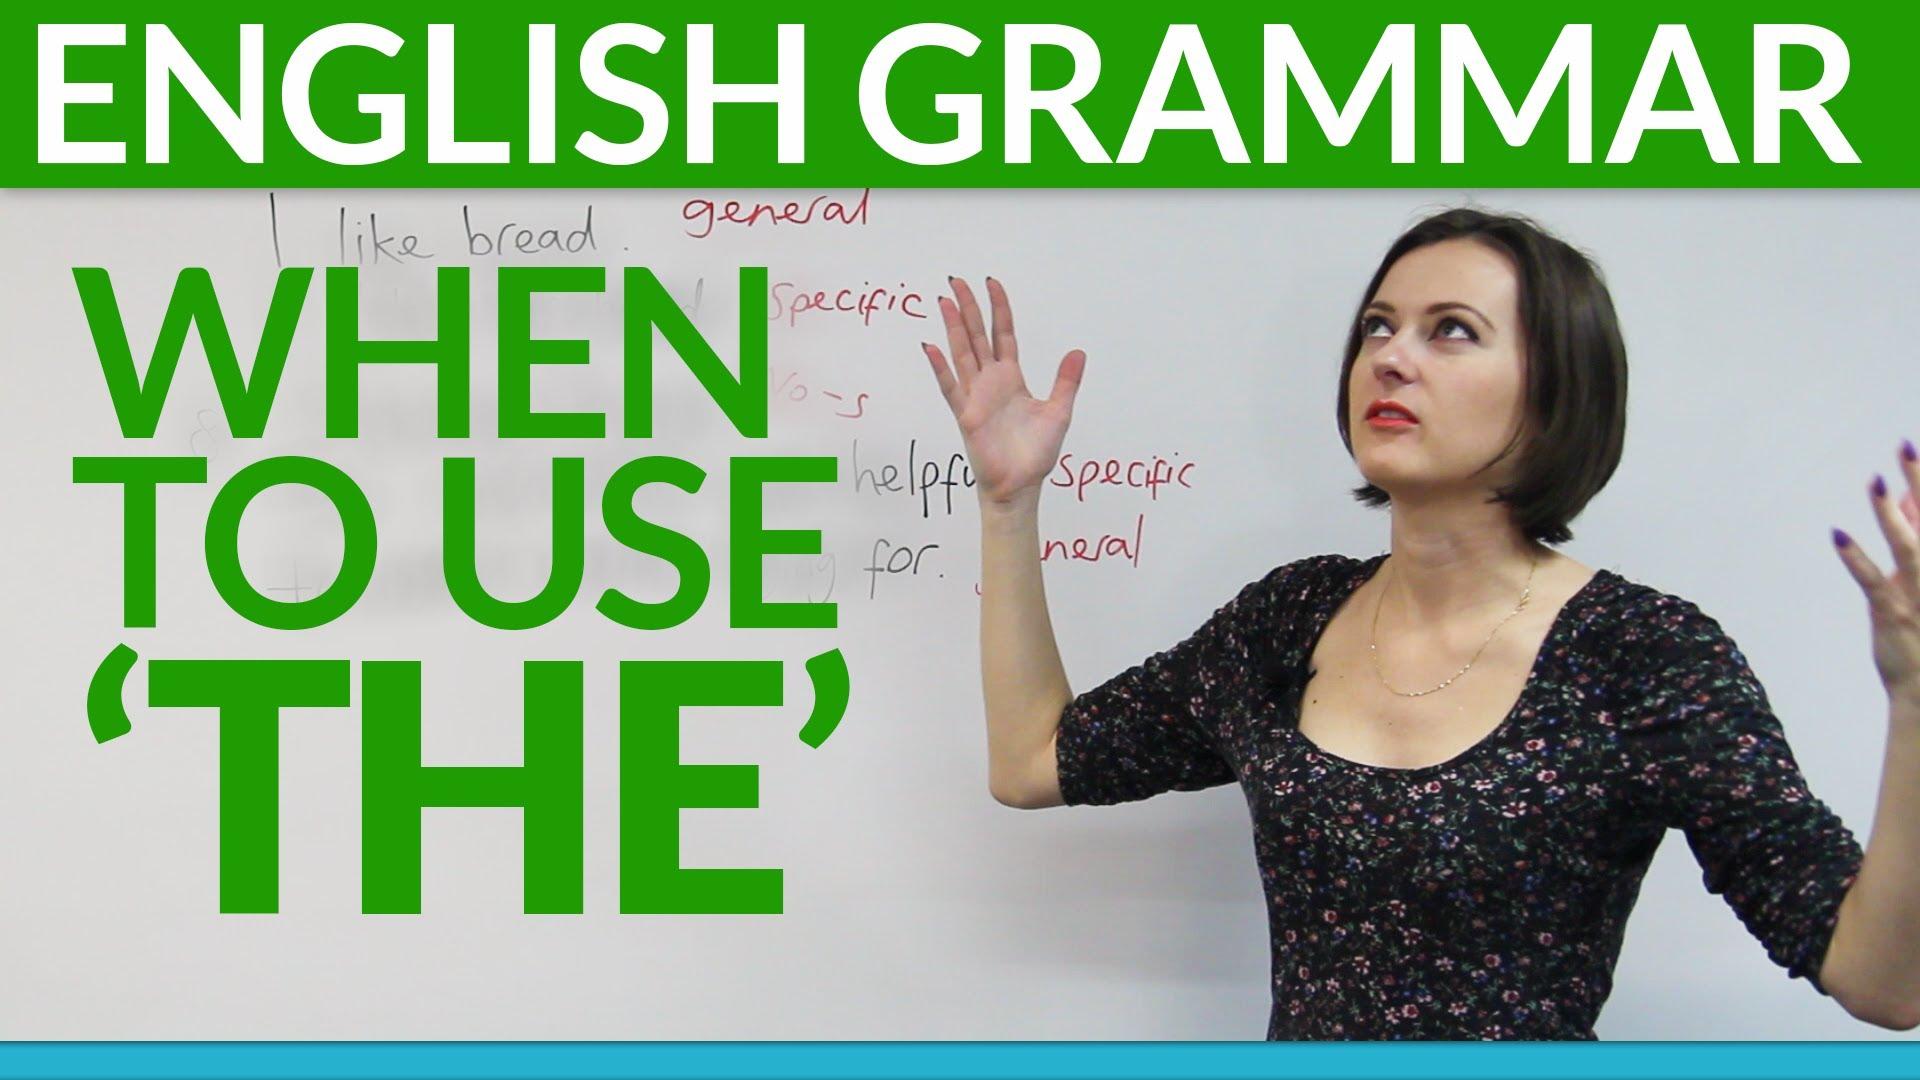 los artículos y la gramática del inglés